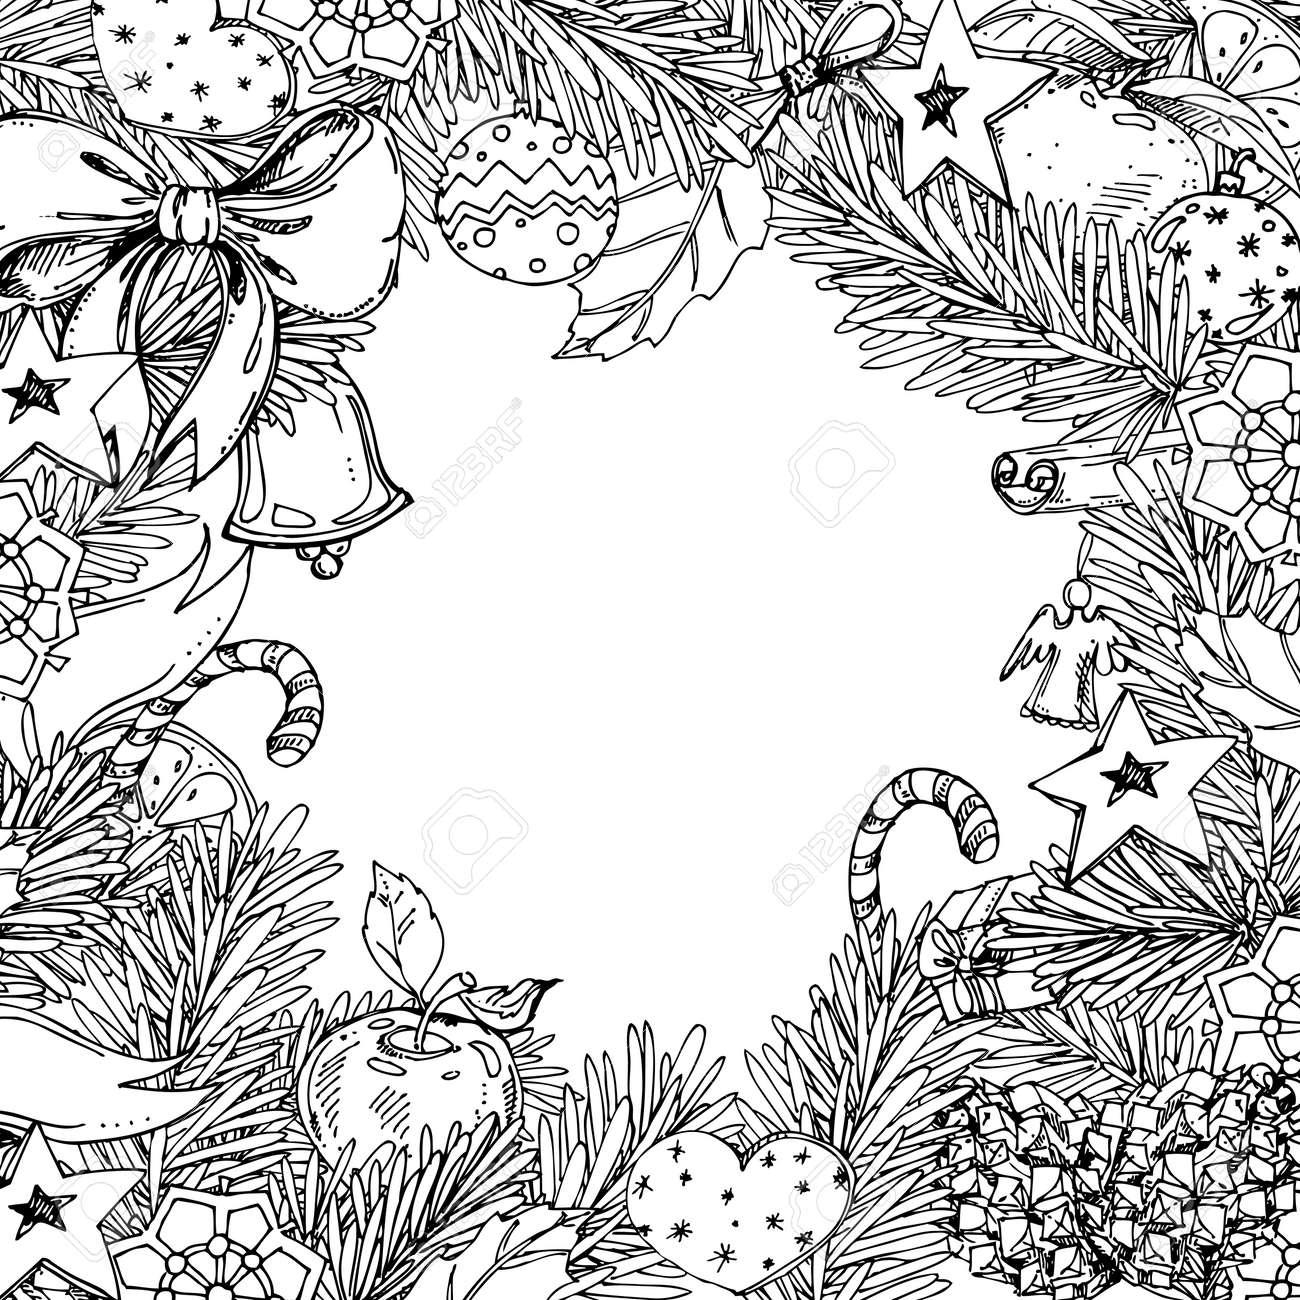 Cadre De Noel Et Nouvel An Pour Le Cahier De Coloriage Pour Adultes Et Enfants Motif Pour Livre De Coloriage Element Decoratif De Vecteur